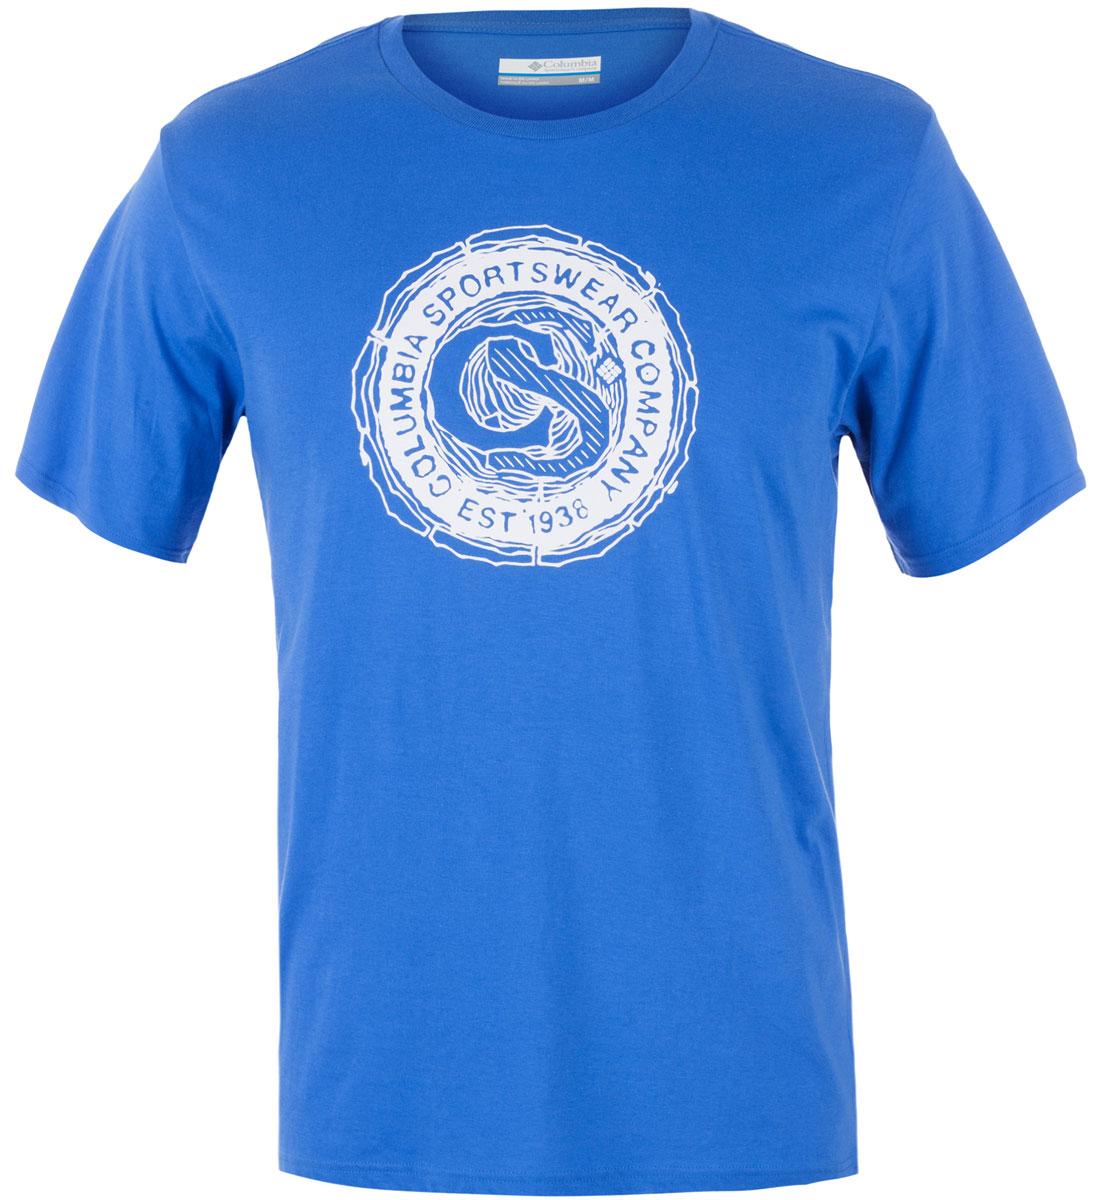 Футболка мужская Columbia Carved Ridge SS T-shirt, цвет: синий. 1713461-426. Размер S (44/46)1713461-426Футболка Columbia - оптимальный вариант для активного отдыха и повседневного использования. Модель выполнена из хлопка, что обеспечивает максимально комфортные ощущения во время использования. Крупный принт на груди придает изделию оригинальность.